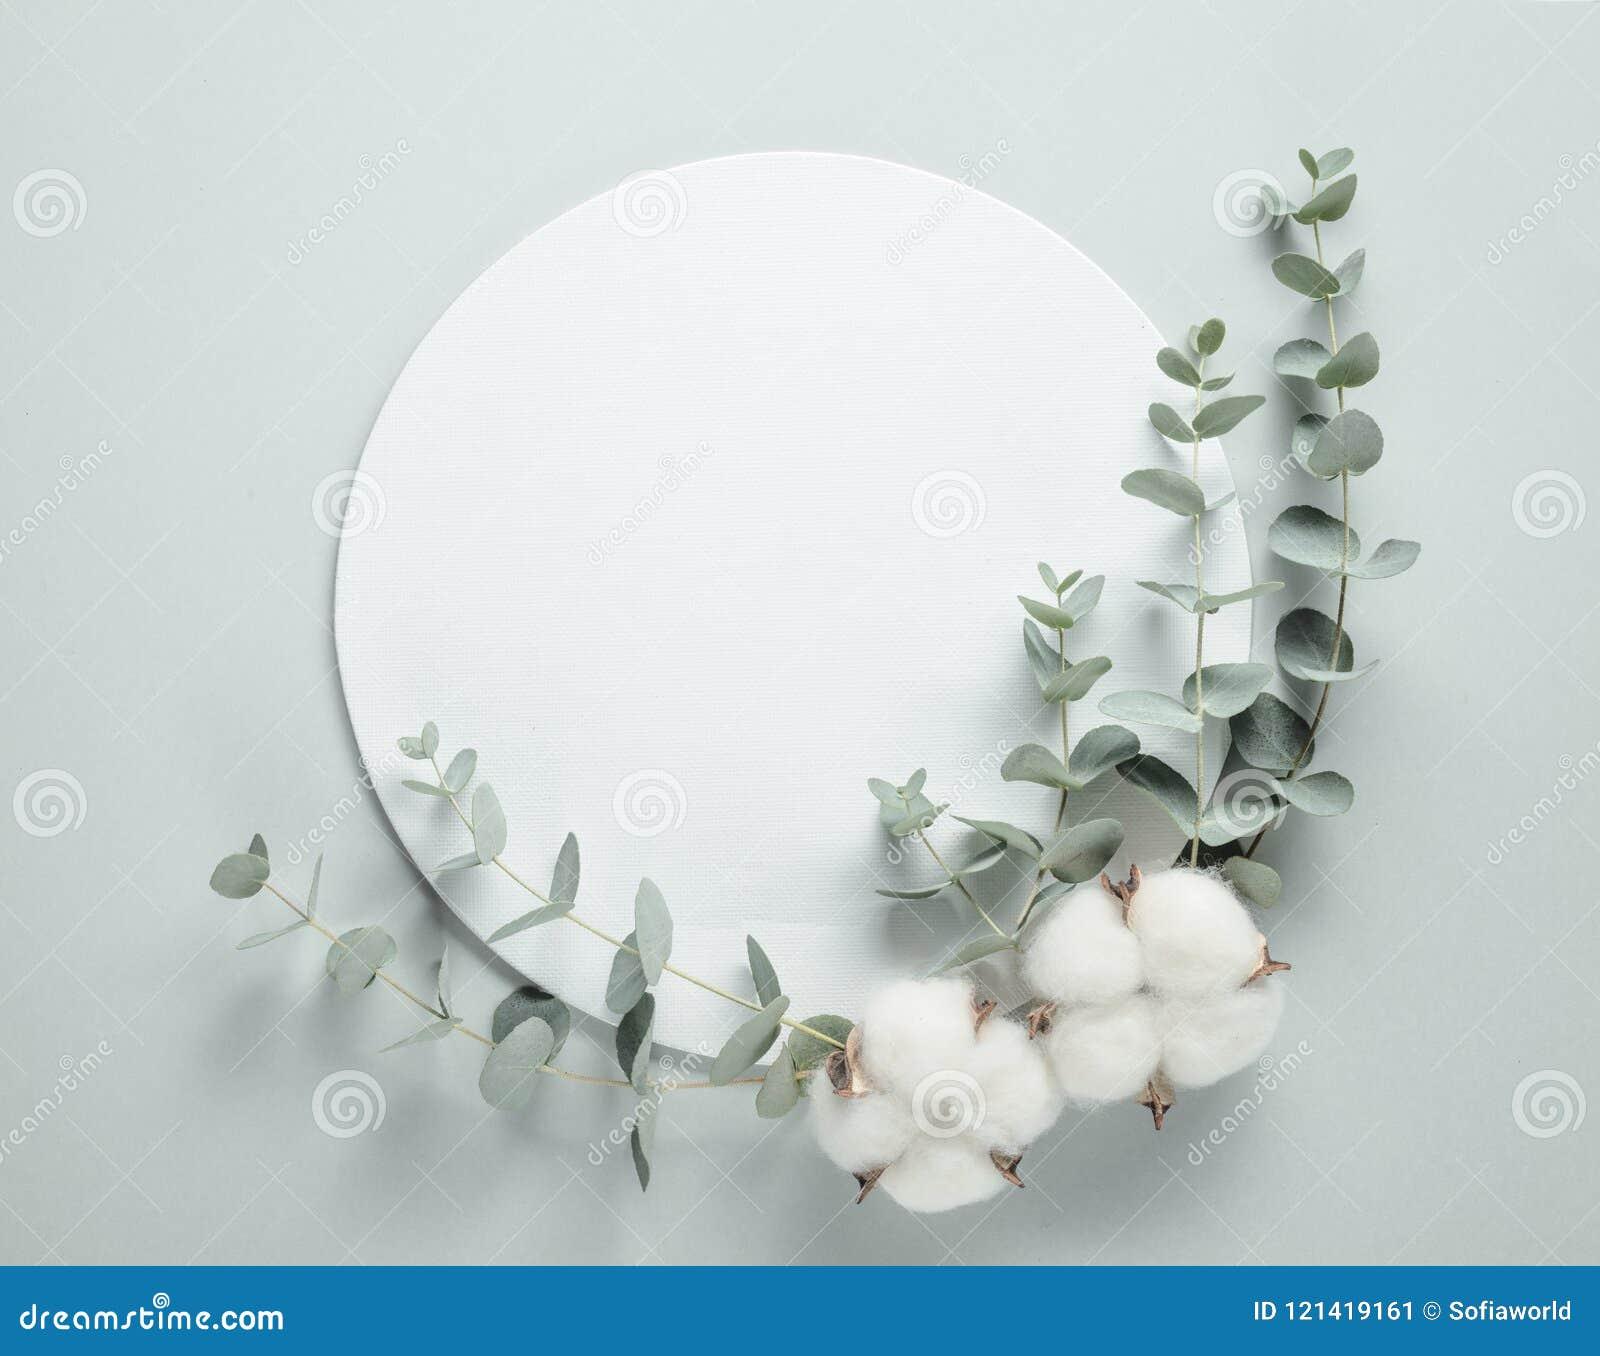 Branche Fleur De Coton fleurs de coton et branches d'eucalyptus image stock - image